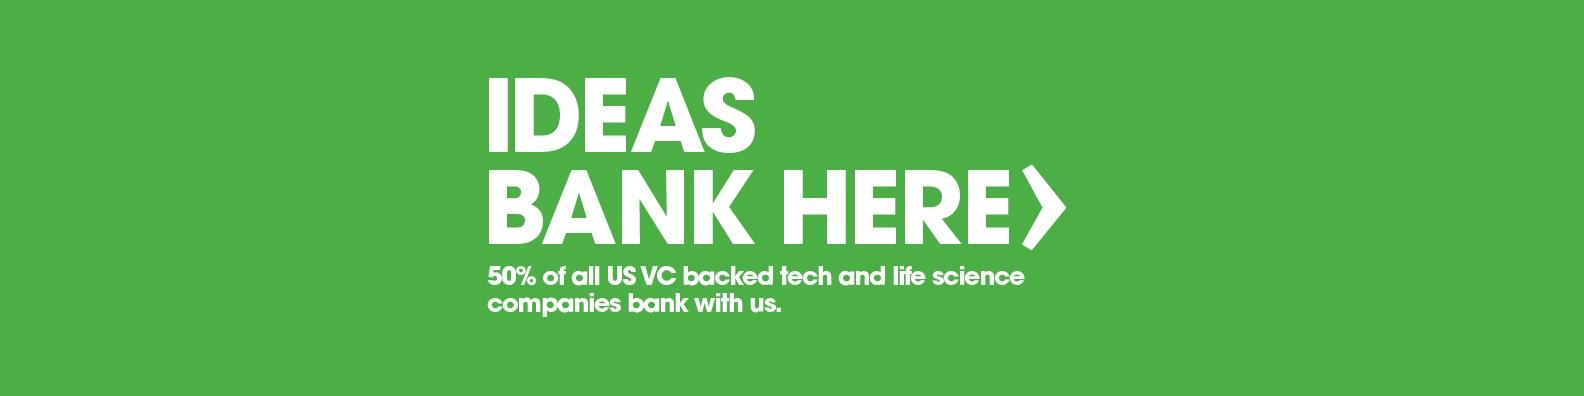 Silicon Valley Bank | LinkedIn